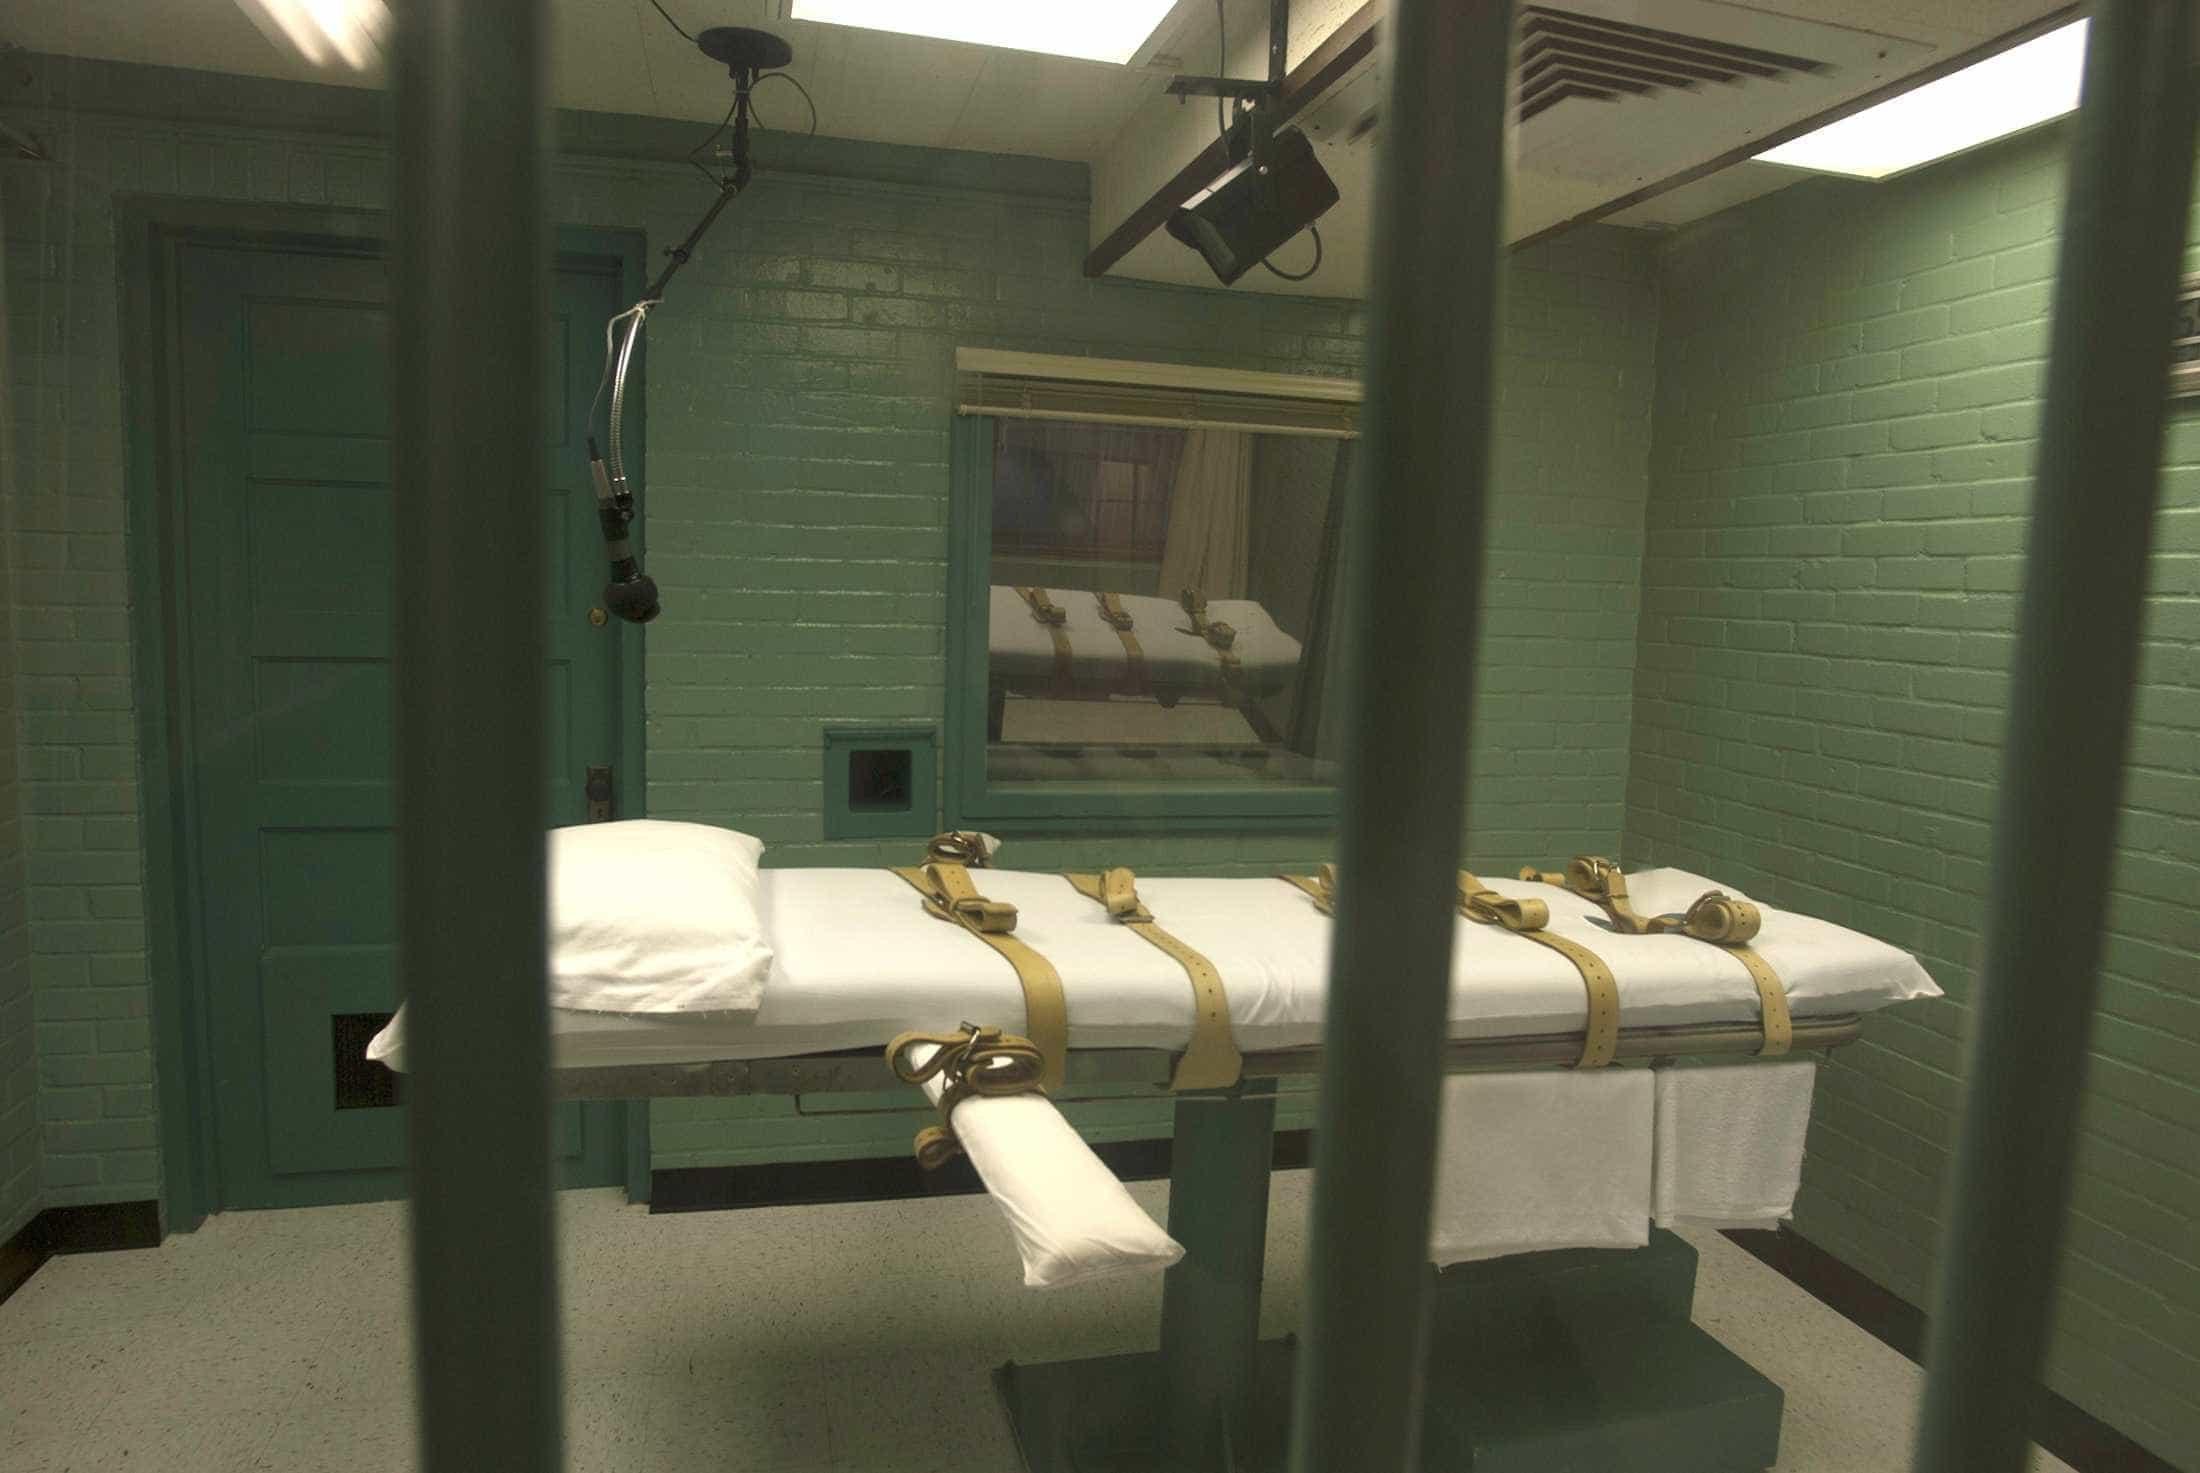 Condenado pede para morrer por cadeira elétrica nos EUA